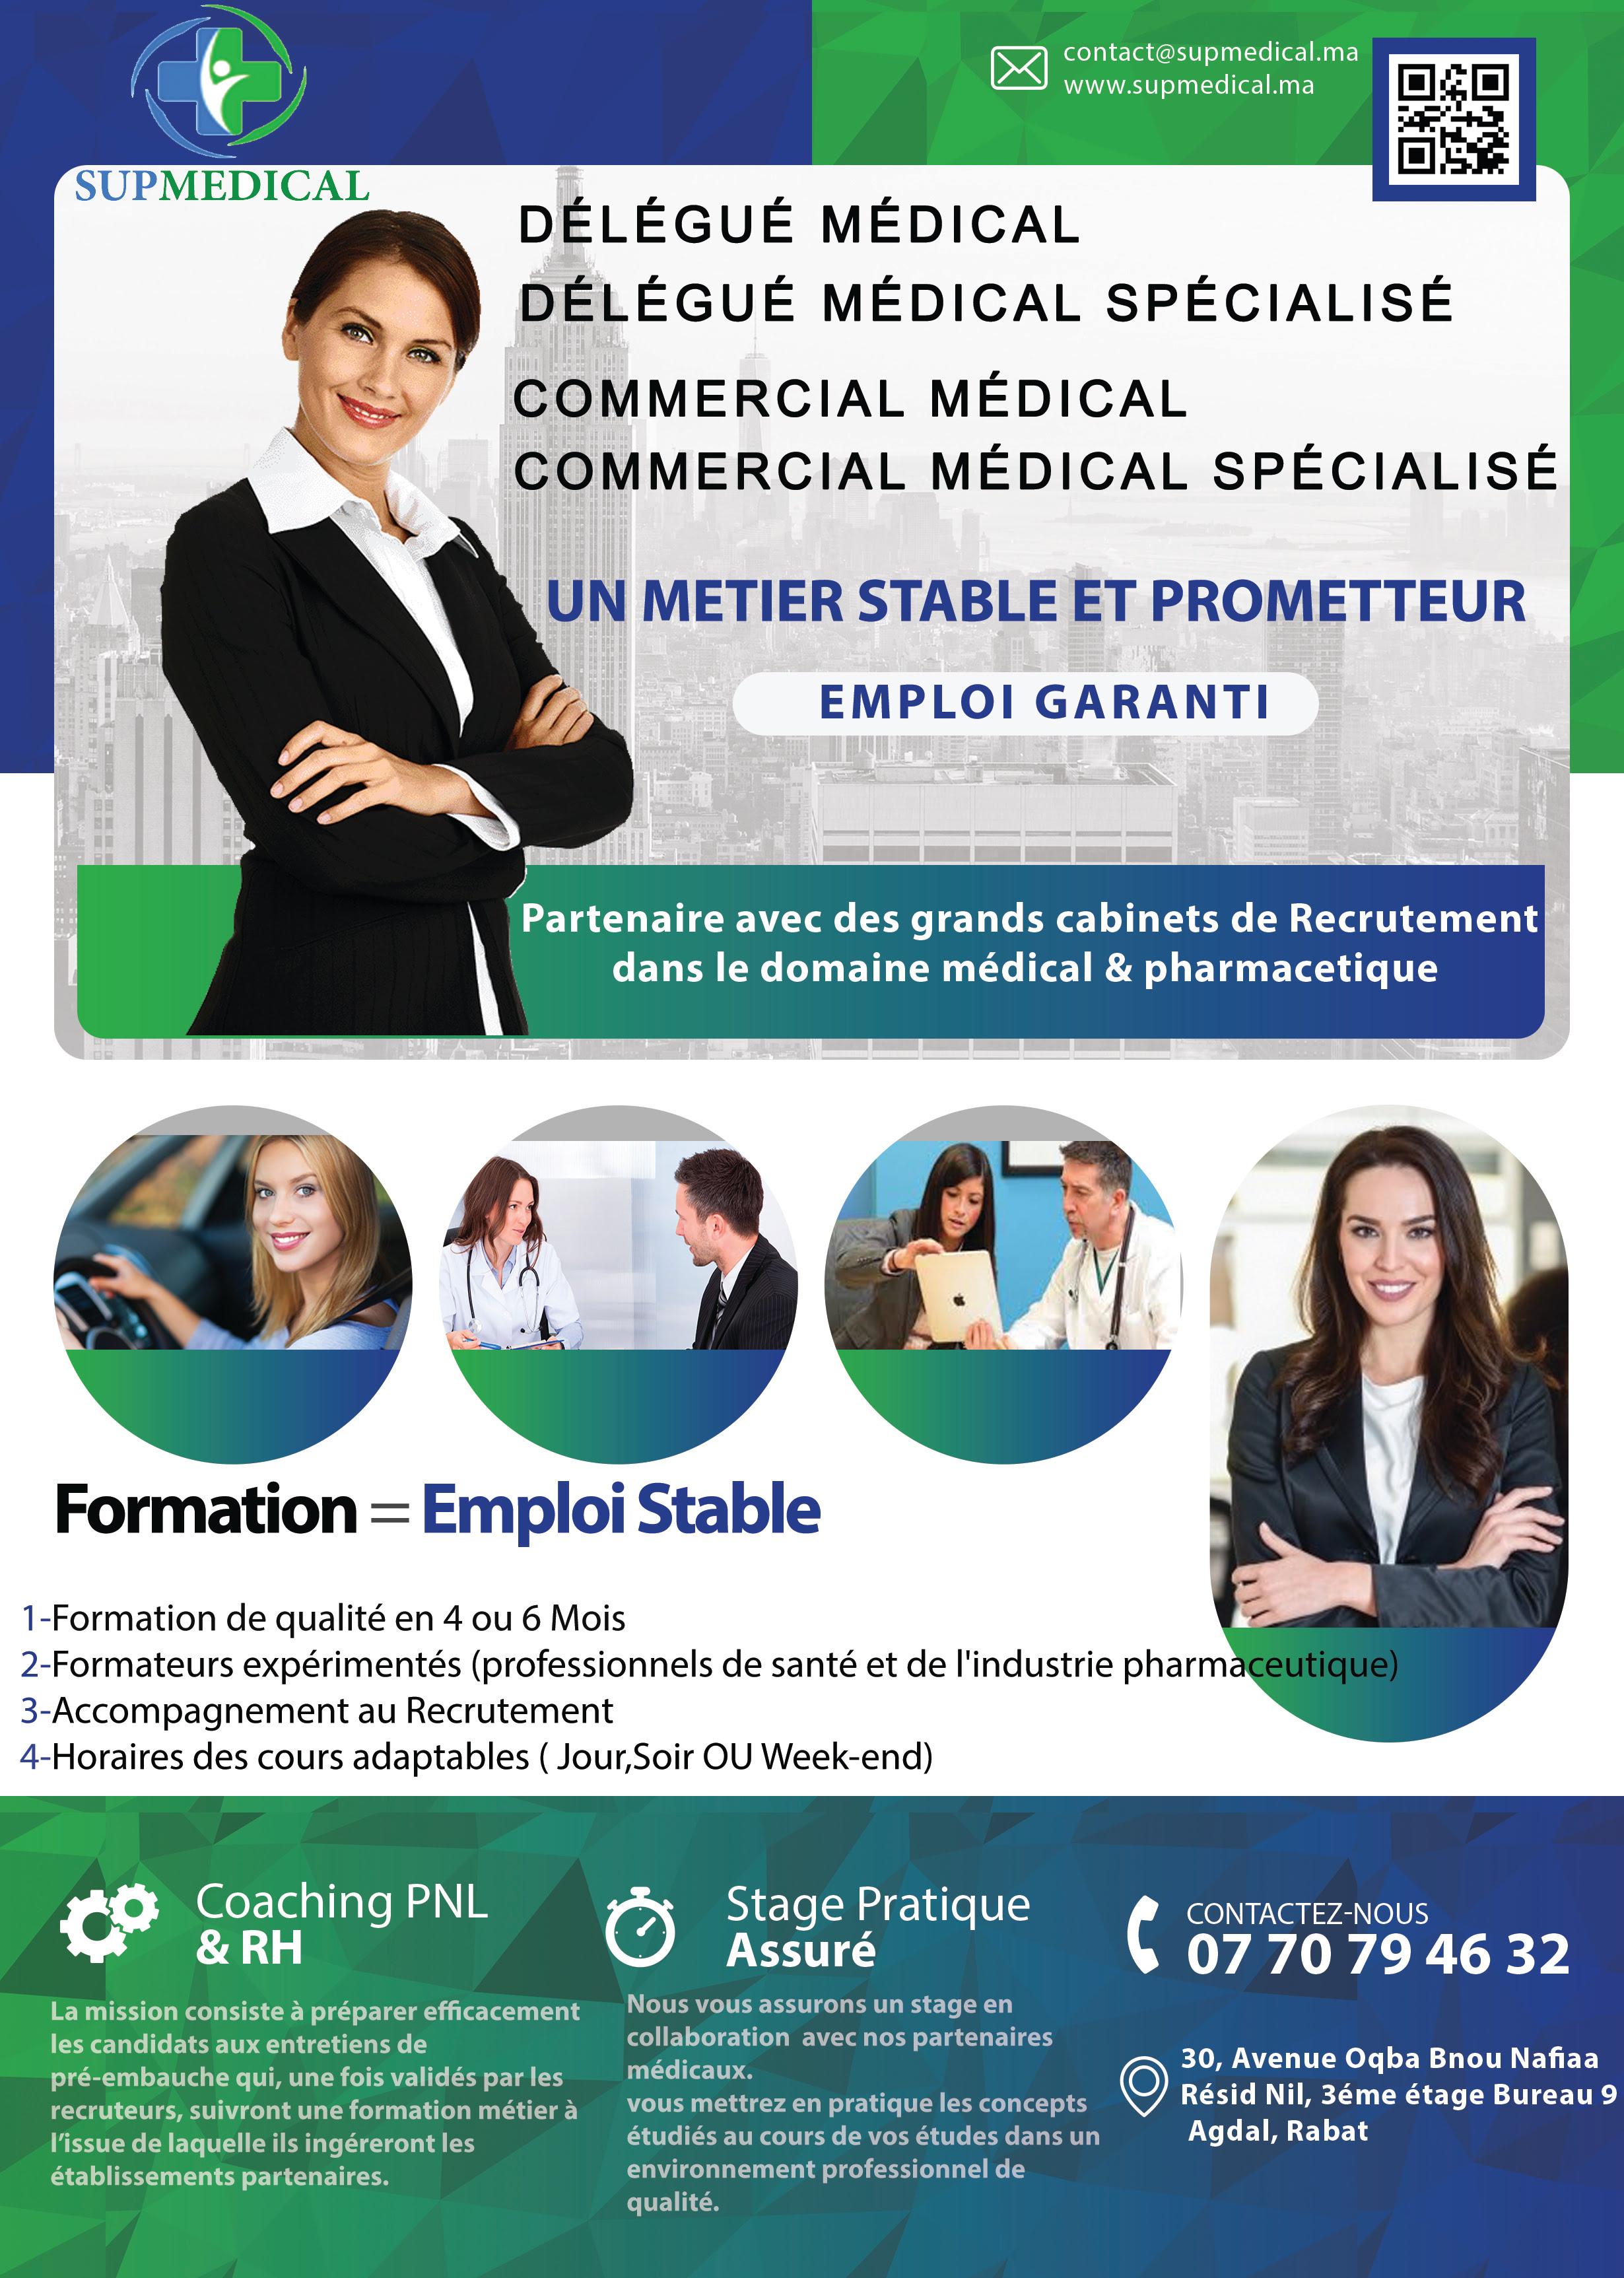 Formation de délégué médical spécialisé/ commercial médical spécialisé